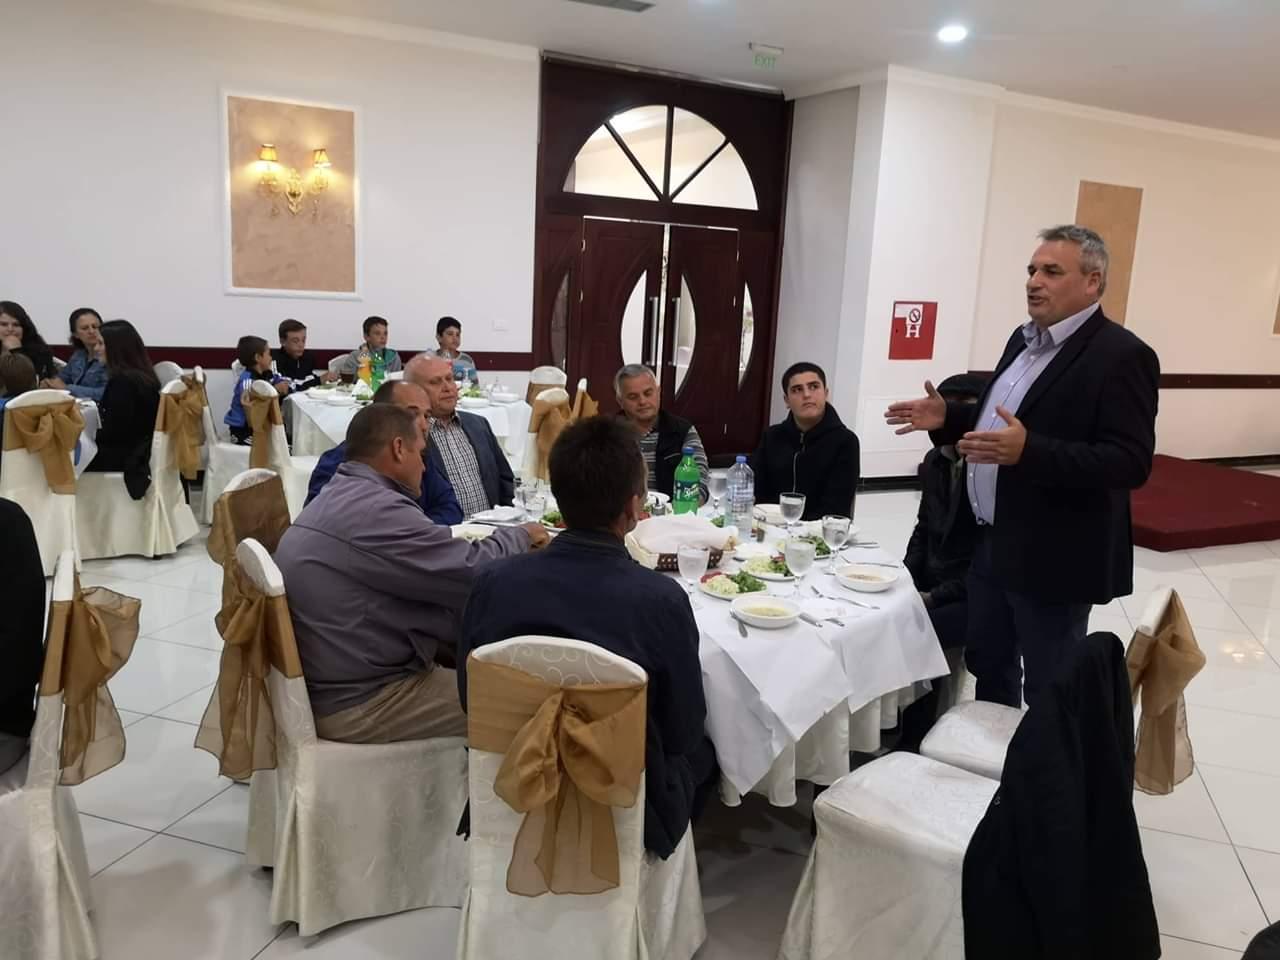 Градоначалникот Ногачески и претседателот на советот на општина Дебрца приредија Ифтарска вечера